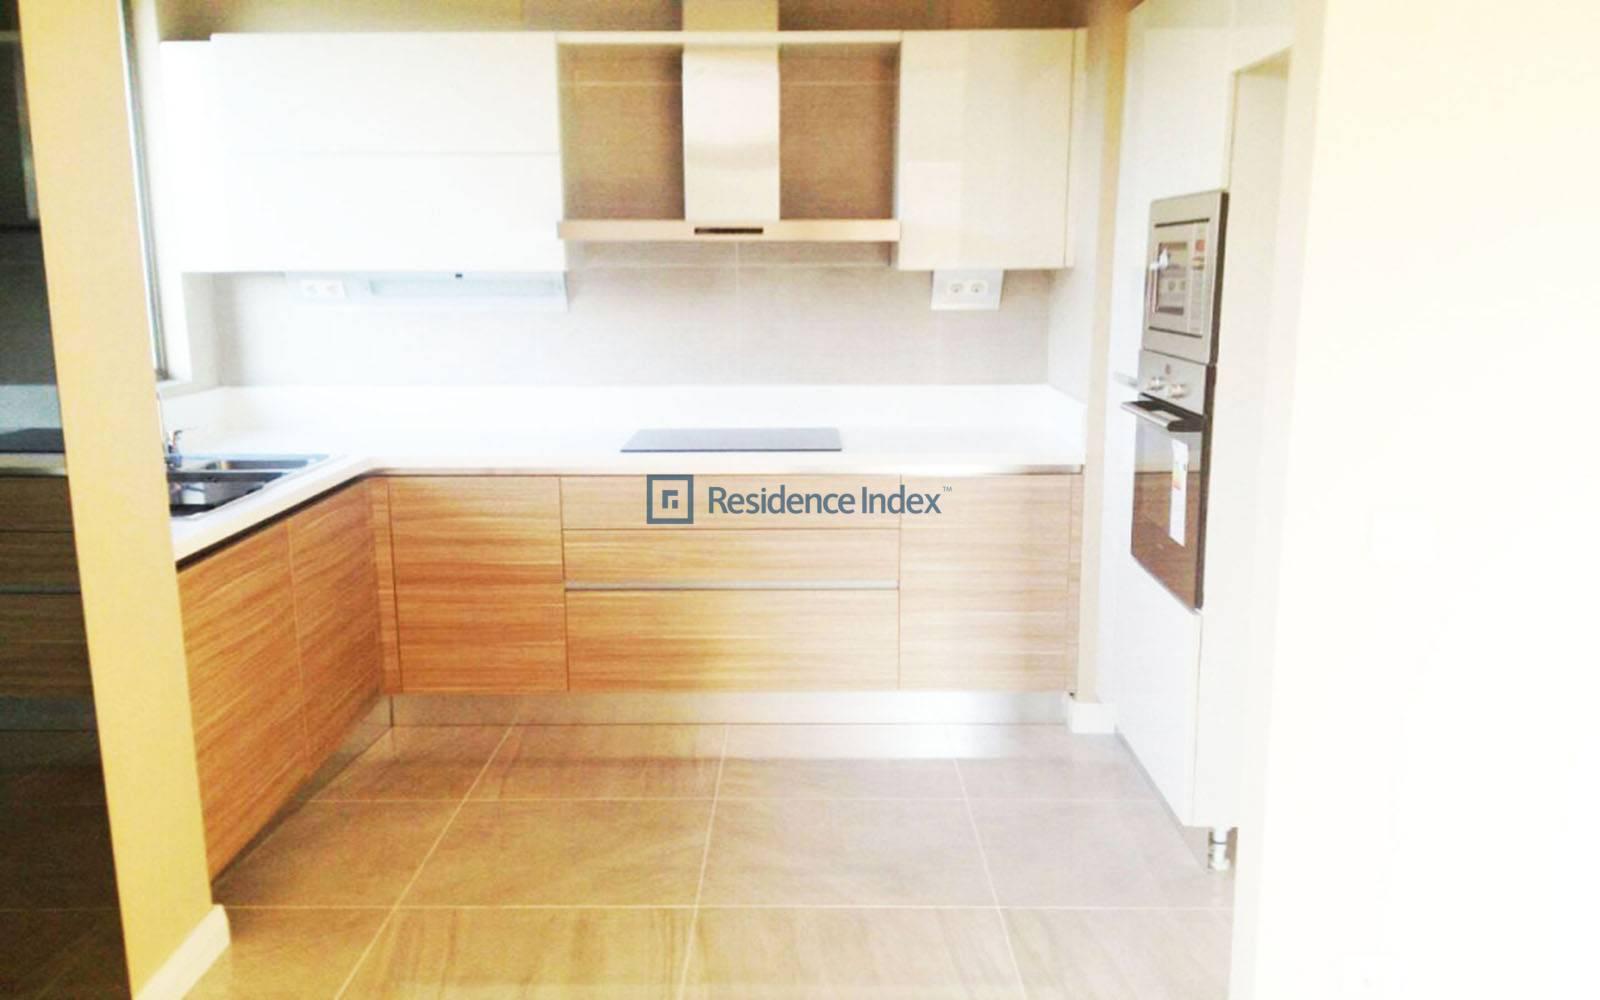 High Floor 1 + 1 Room For Rent